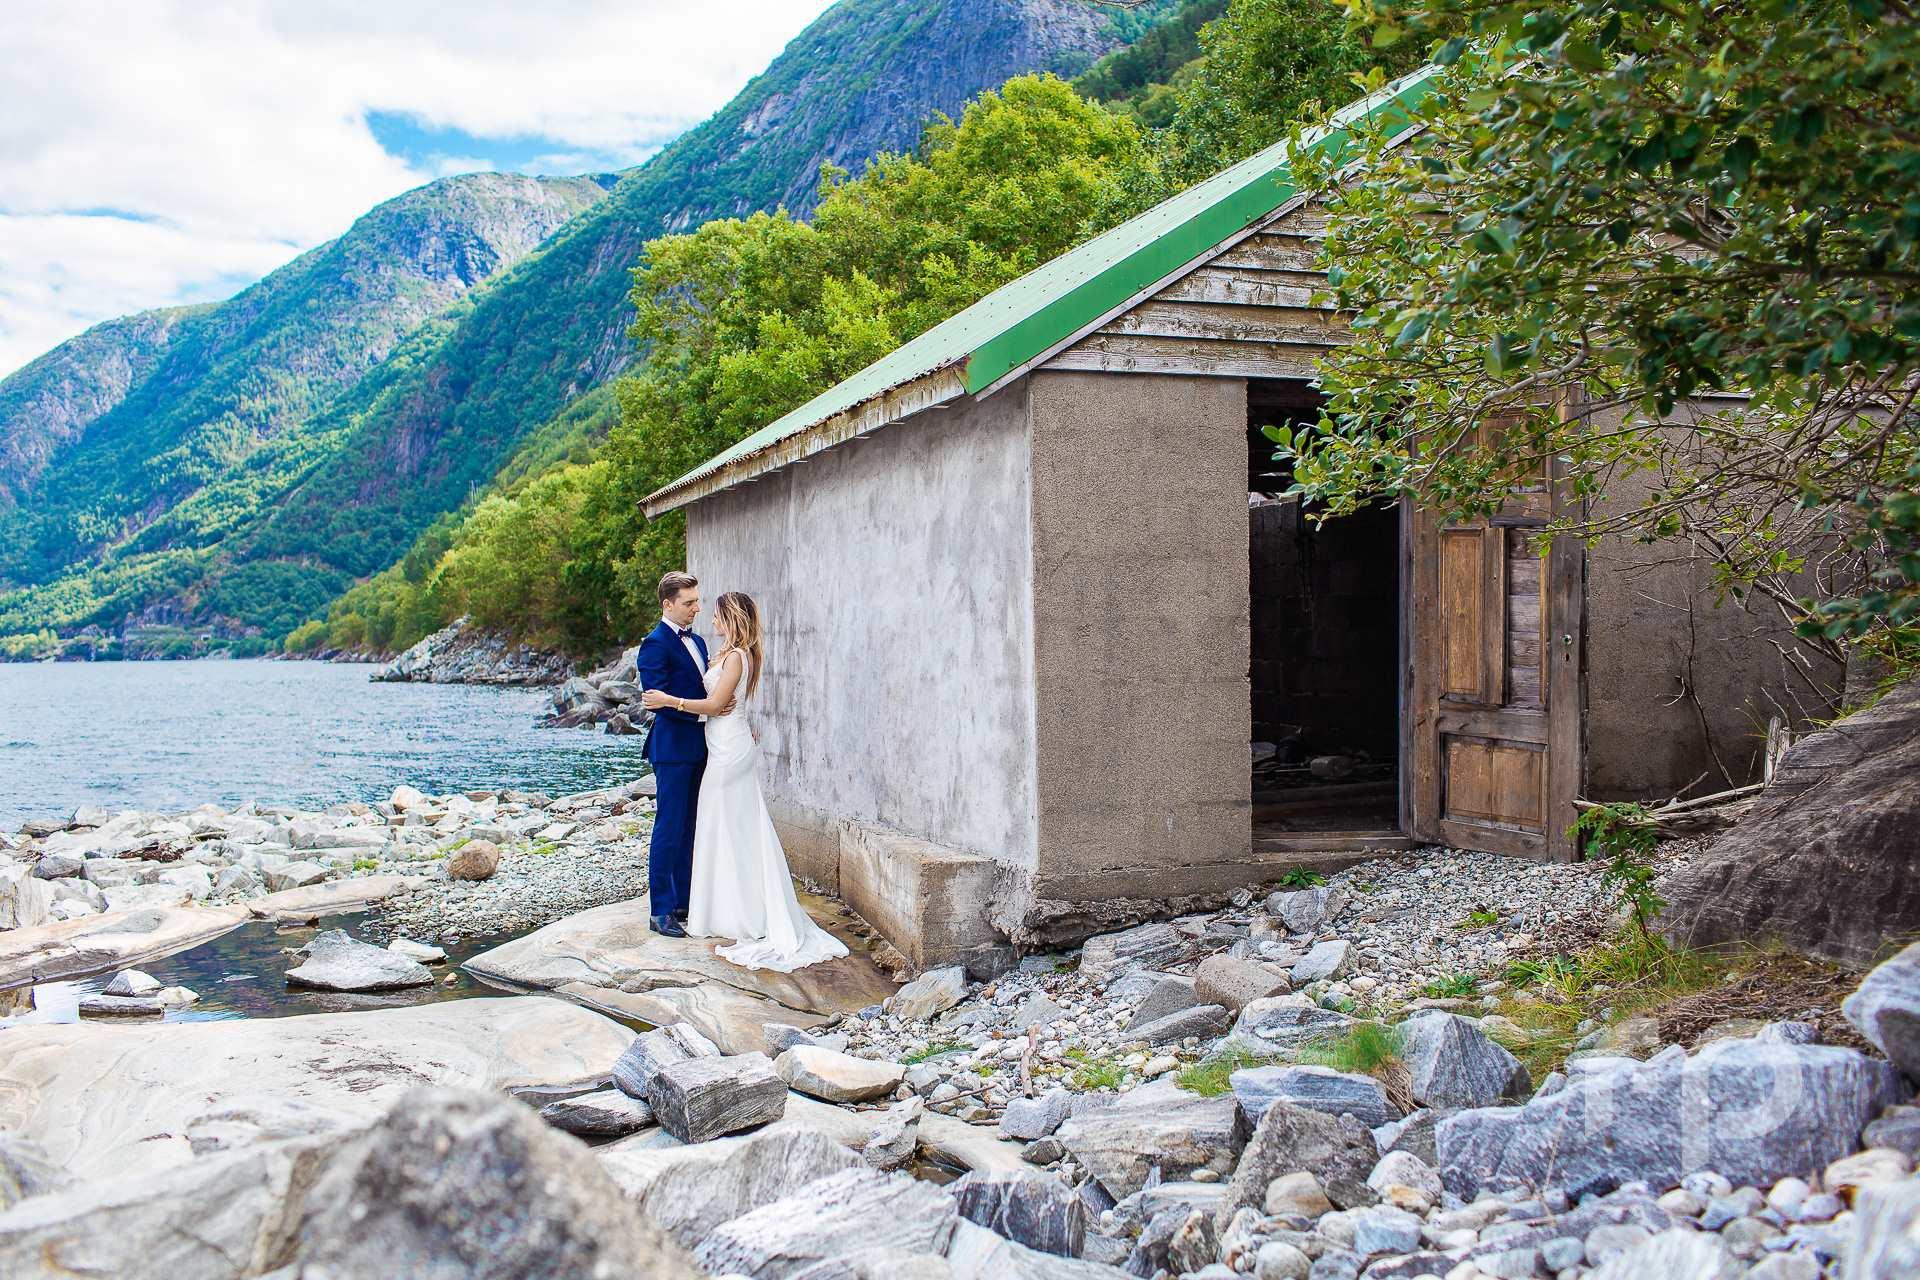 zdjęcie ślubne obok chatki rybackiej